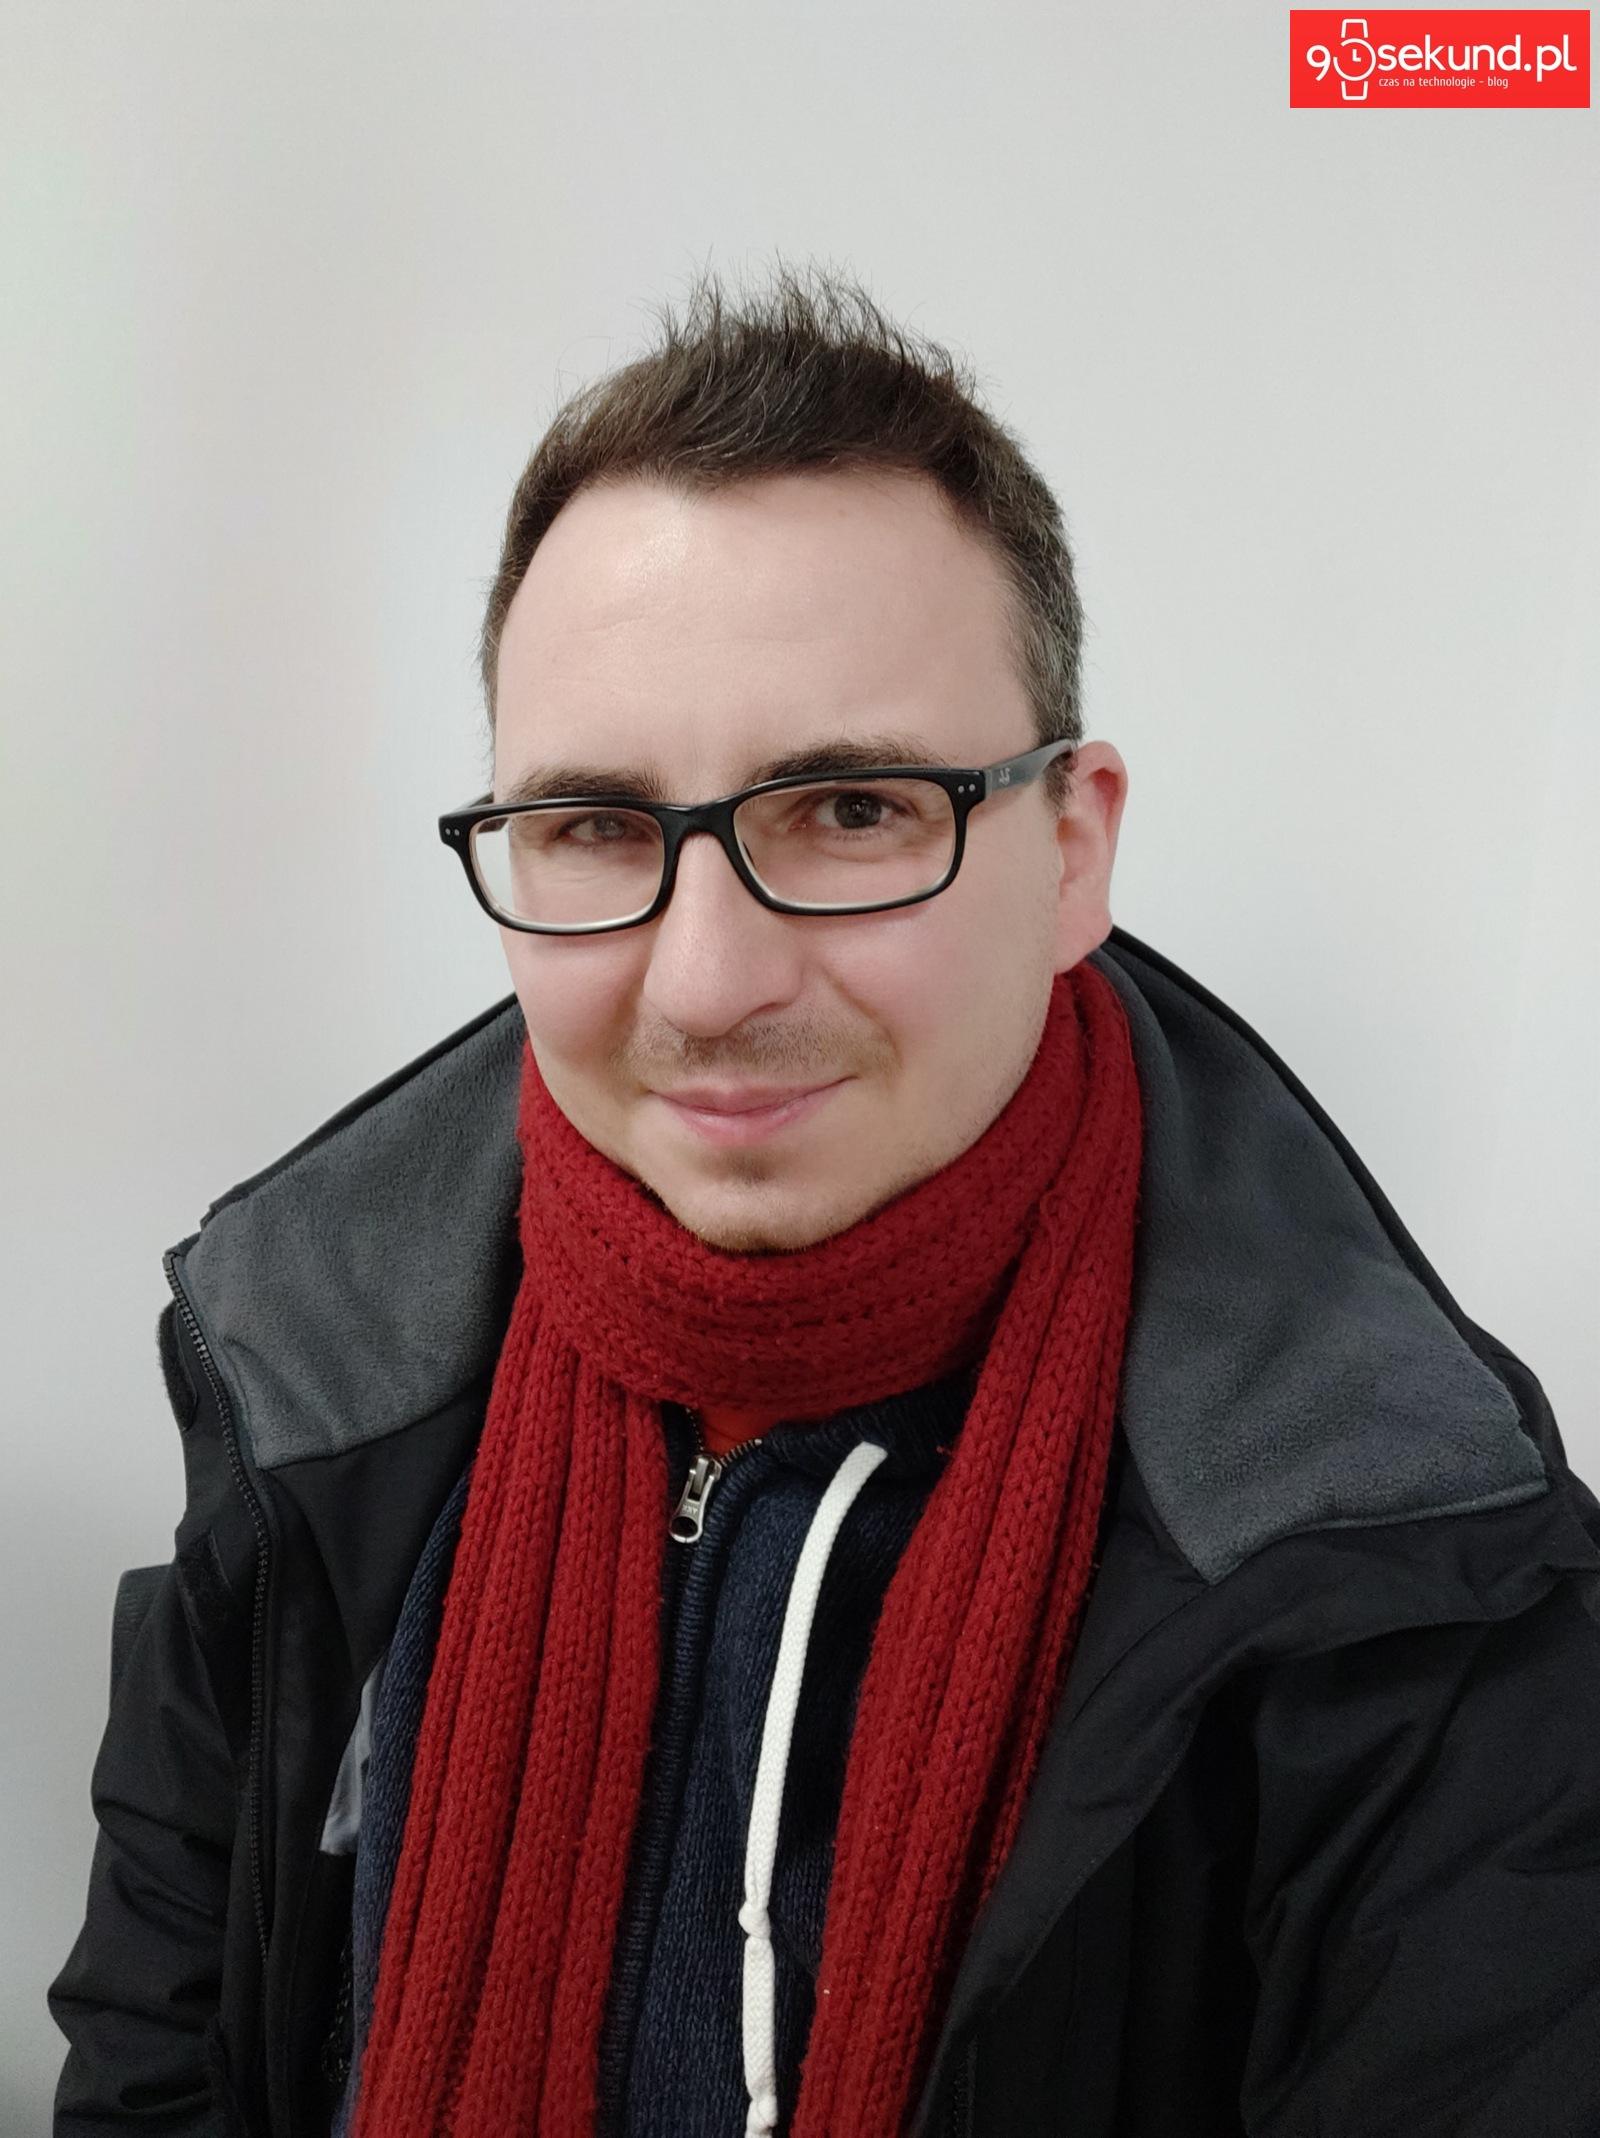 Aparat w Xiaomi Mi 8 Pro - Michał Brożyński 90sekund.pl